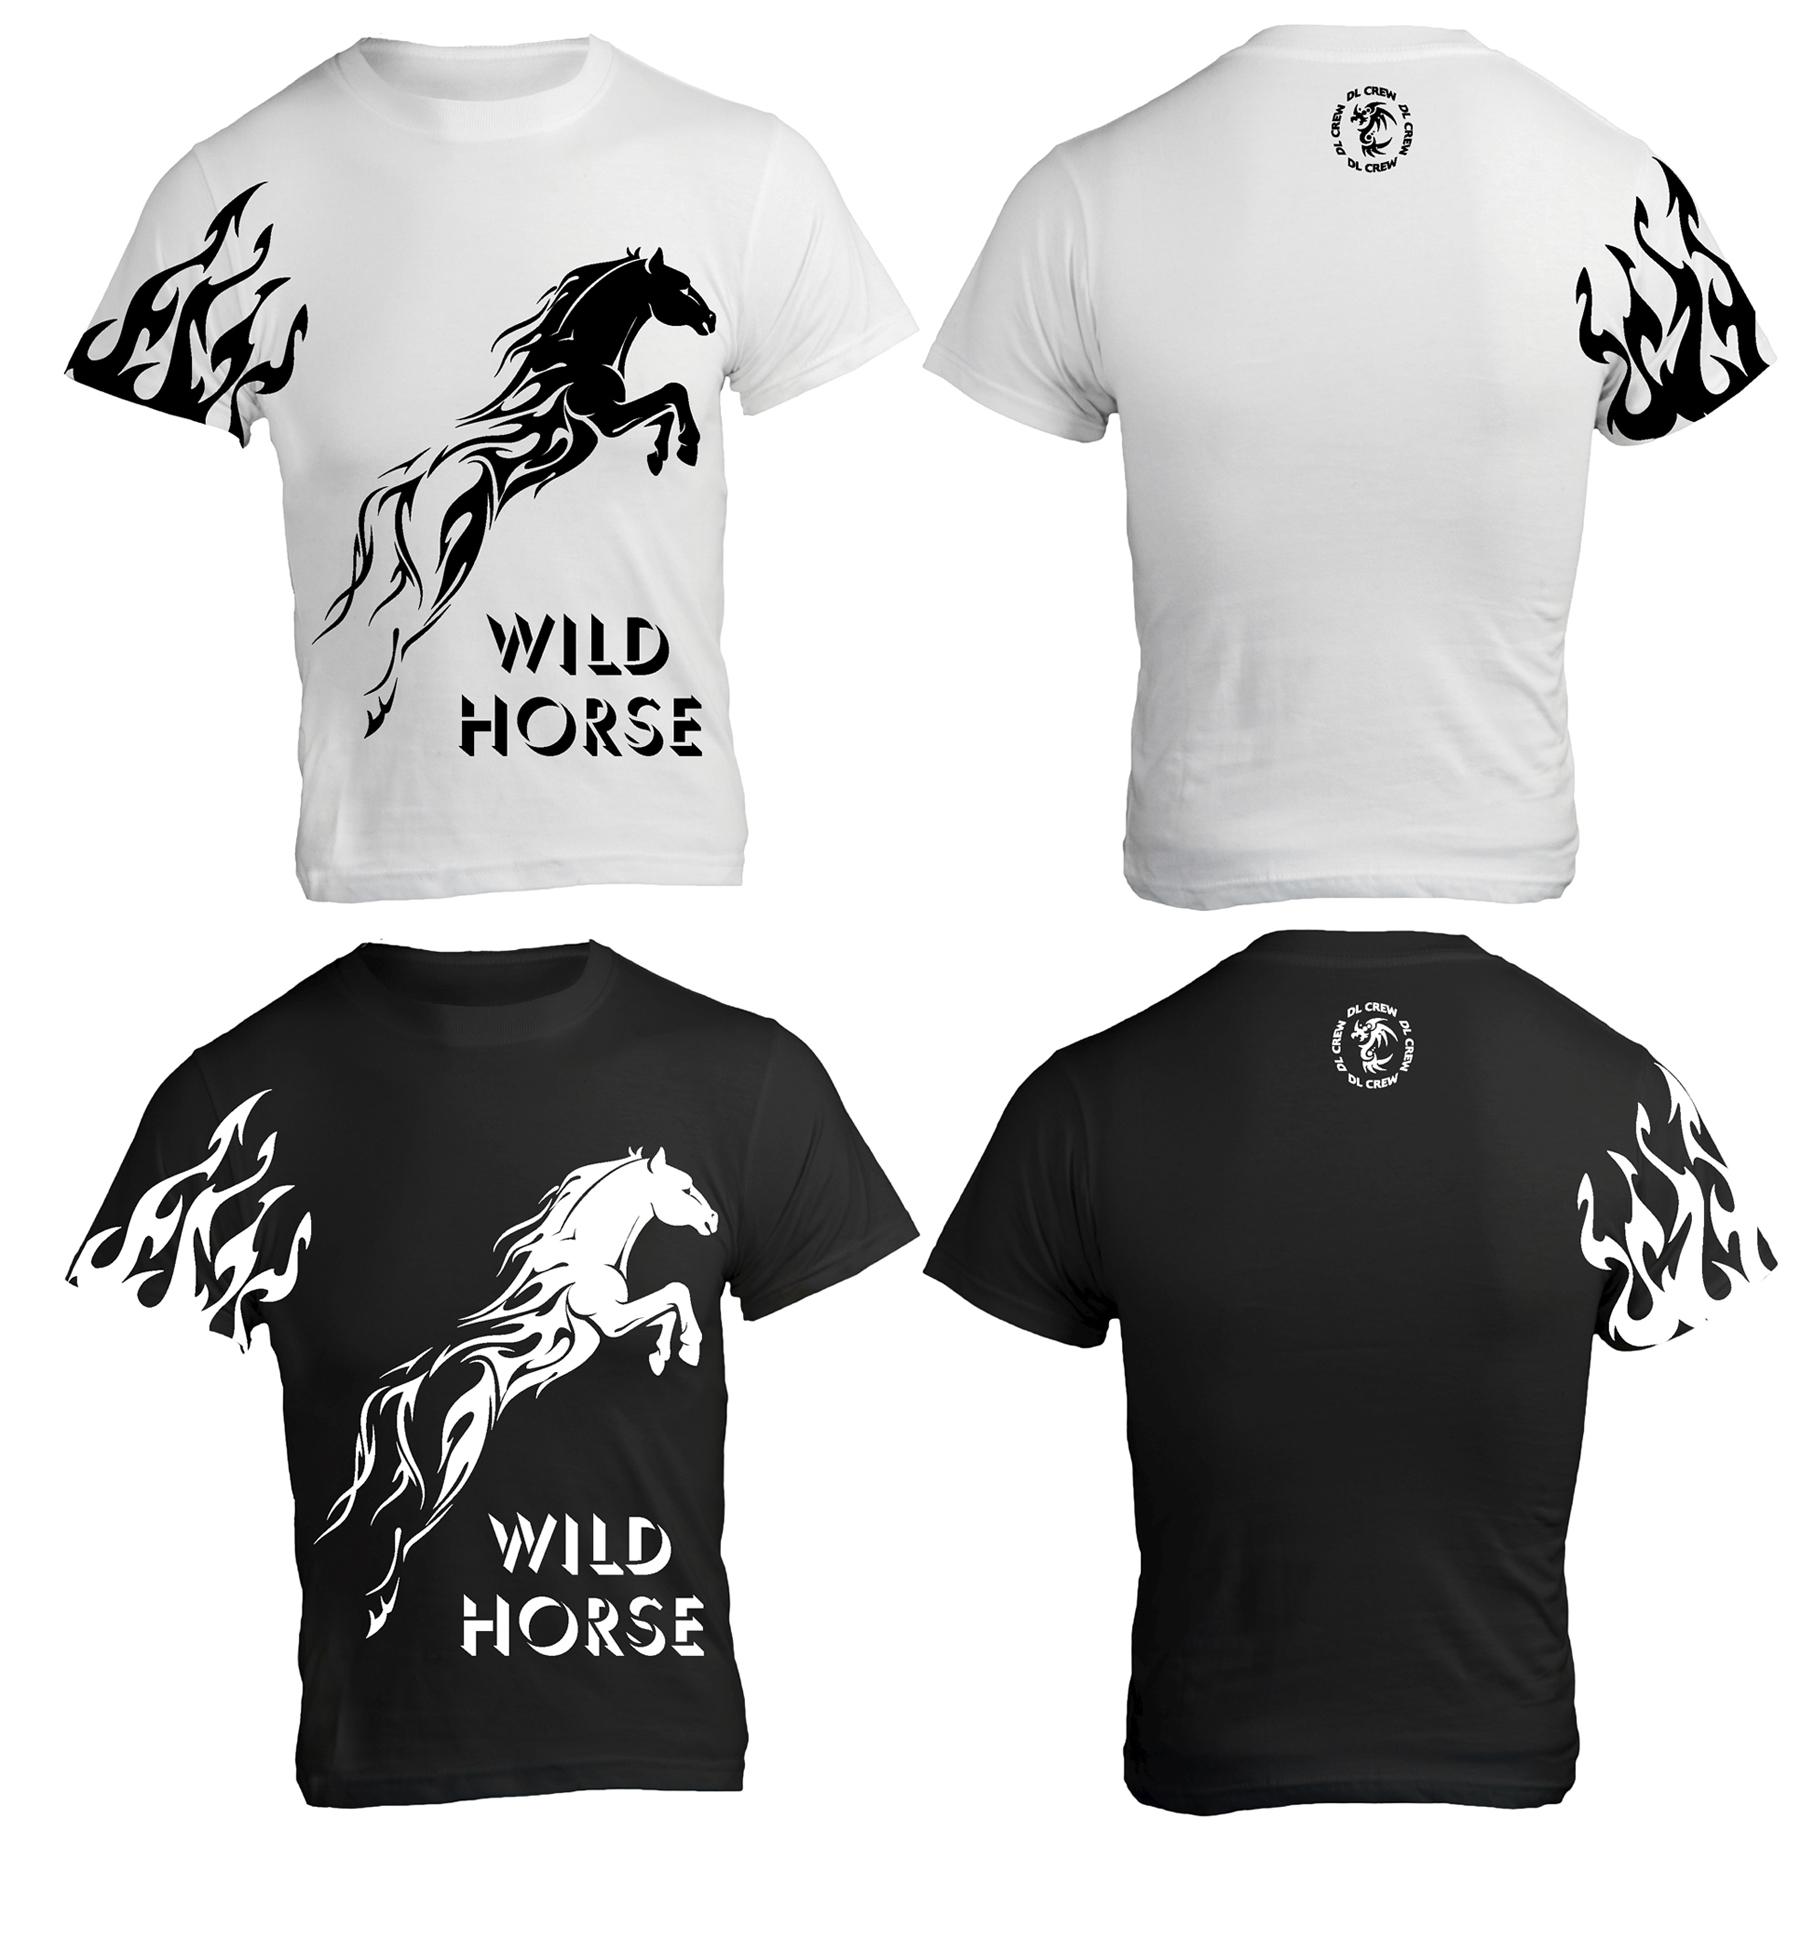 Flaming Horse Shirt